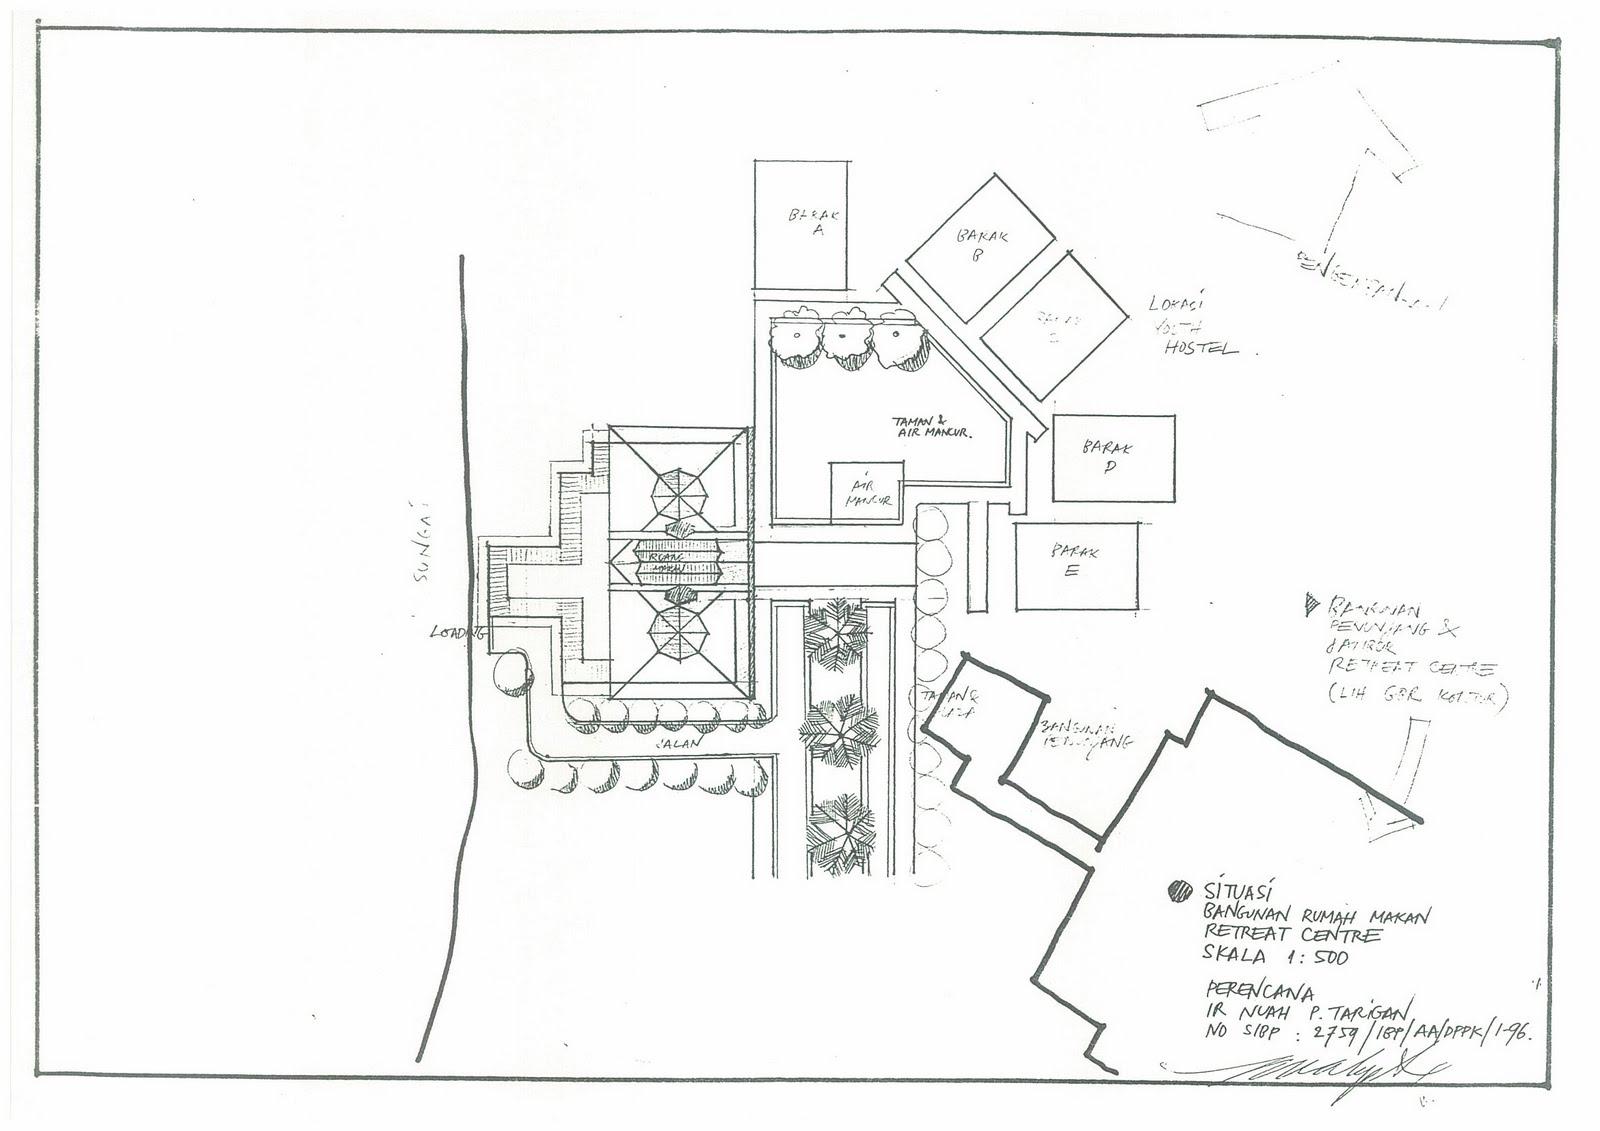 gambar perencanaan bangunan aarchstudio